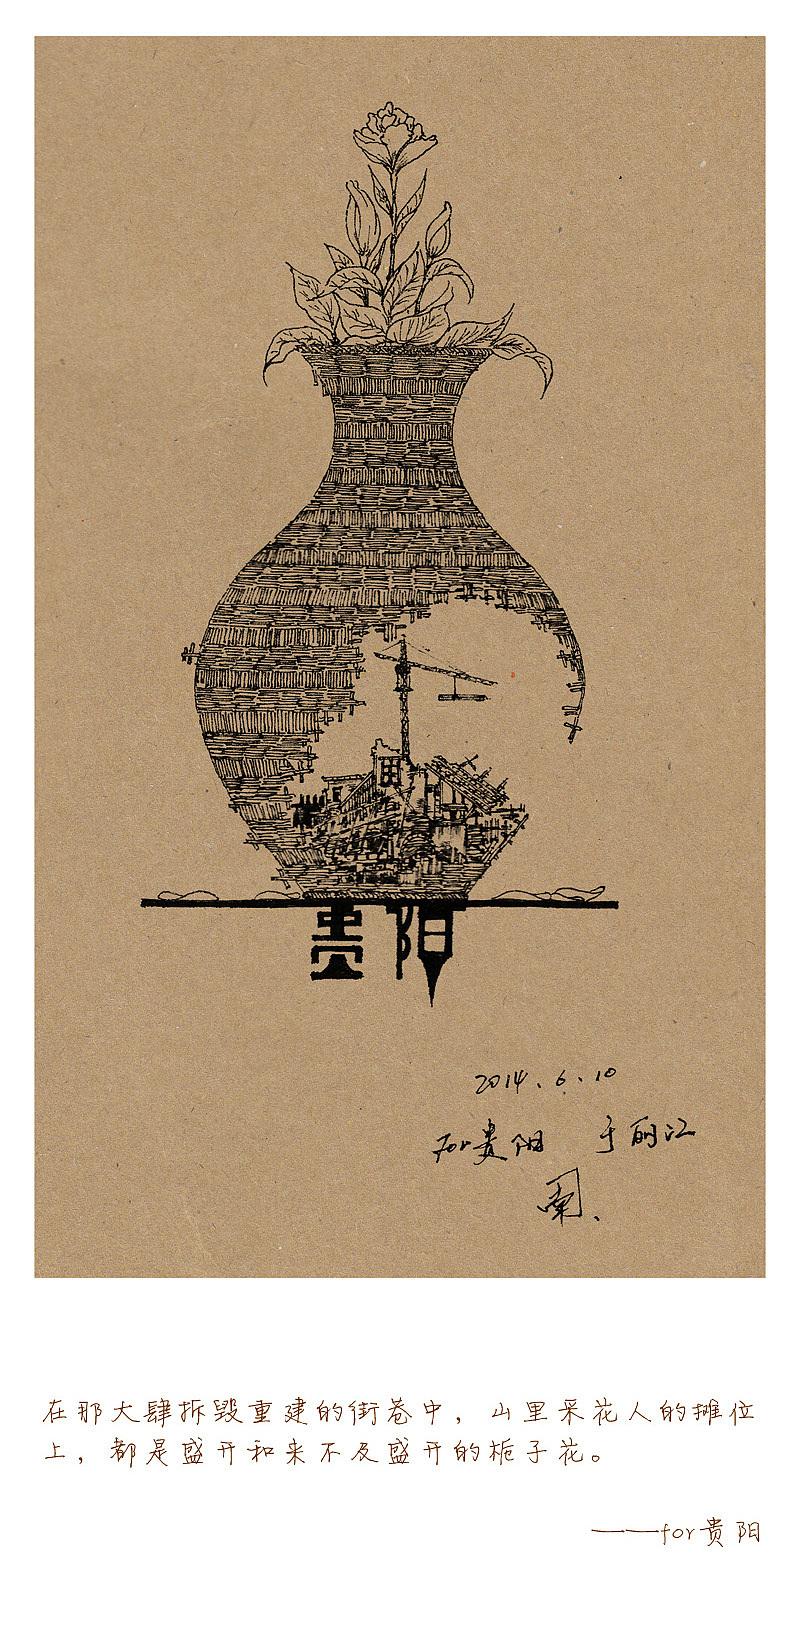 南北之行手绘作品集|插画|其他插画|司南_mirrorfact